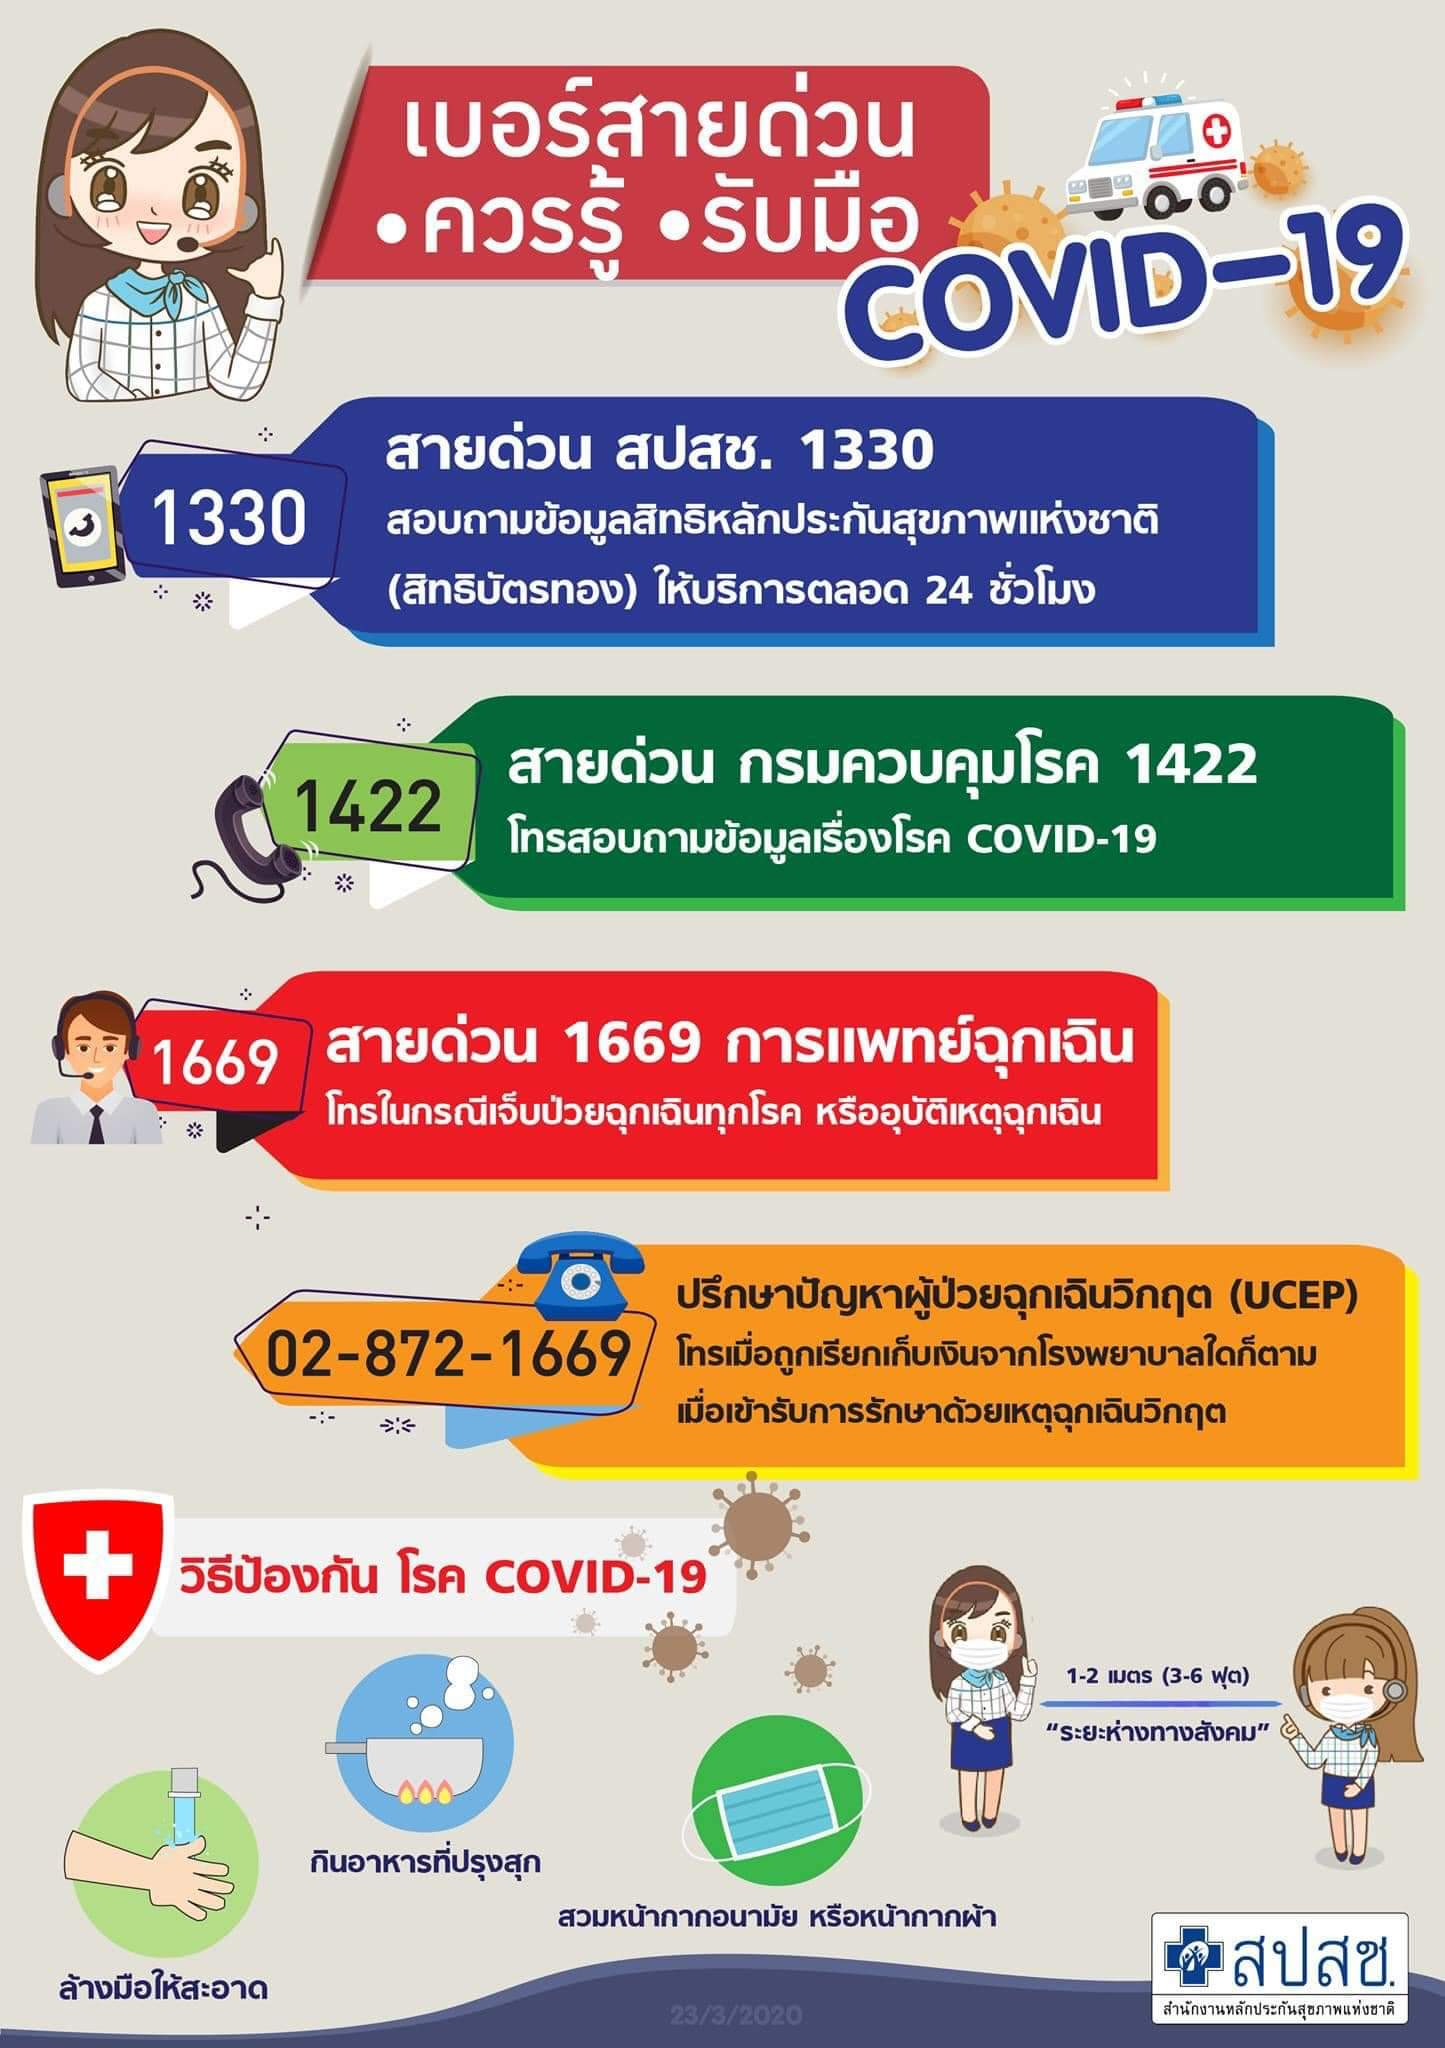 เอไอเอส ดีแทค ทรู และ NT ร่วมให้ลูกค้าโทรฟรีหมายเลขฉุกเฉิน 1668, 1669, 1330, 1422, 1323, 1646, 1506 และ 1111 พร้อมสายด่วนช่วยเหลืออื่นๆ ในวิกฤตโควิด-19 ได้แล้ววันนี้